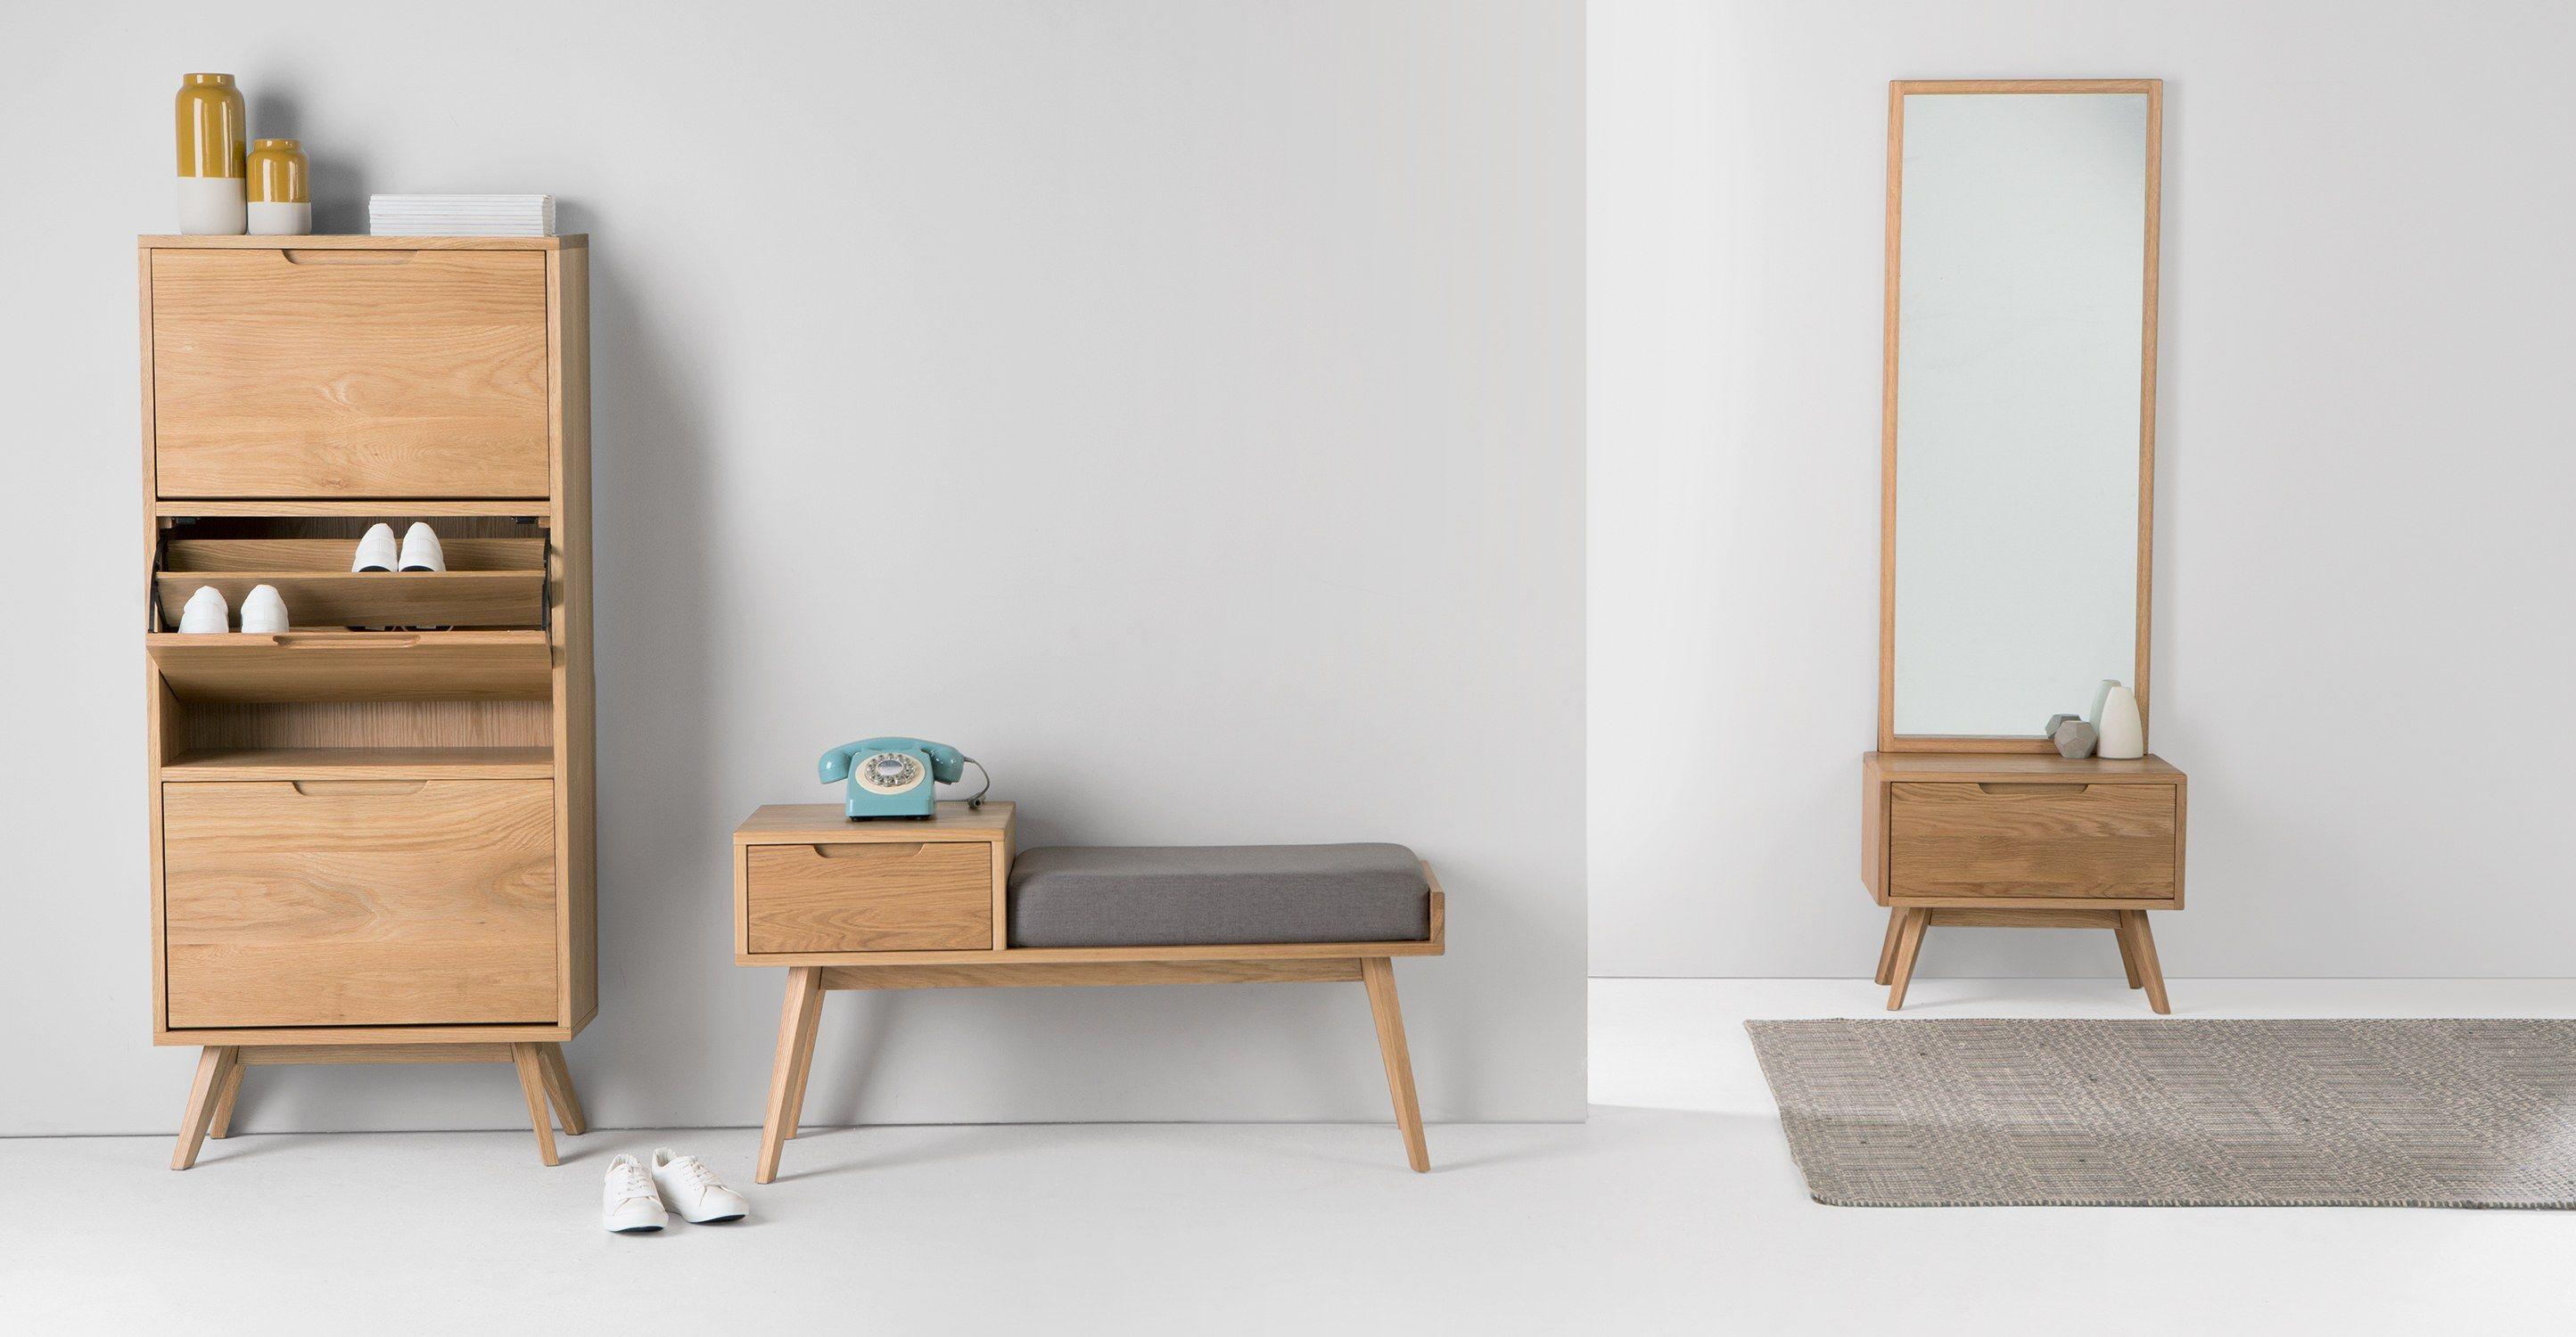 Jenson Bank mit Stauraum, Eiche | Stauraum, Bänke und Modernes design